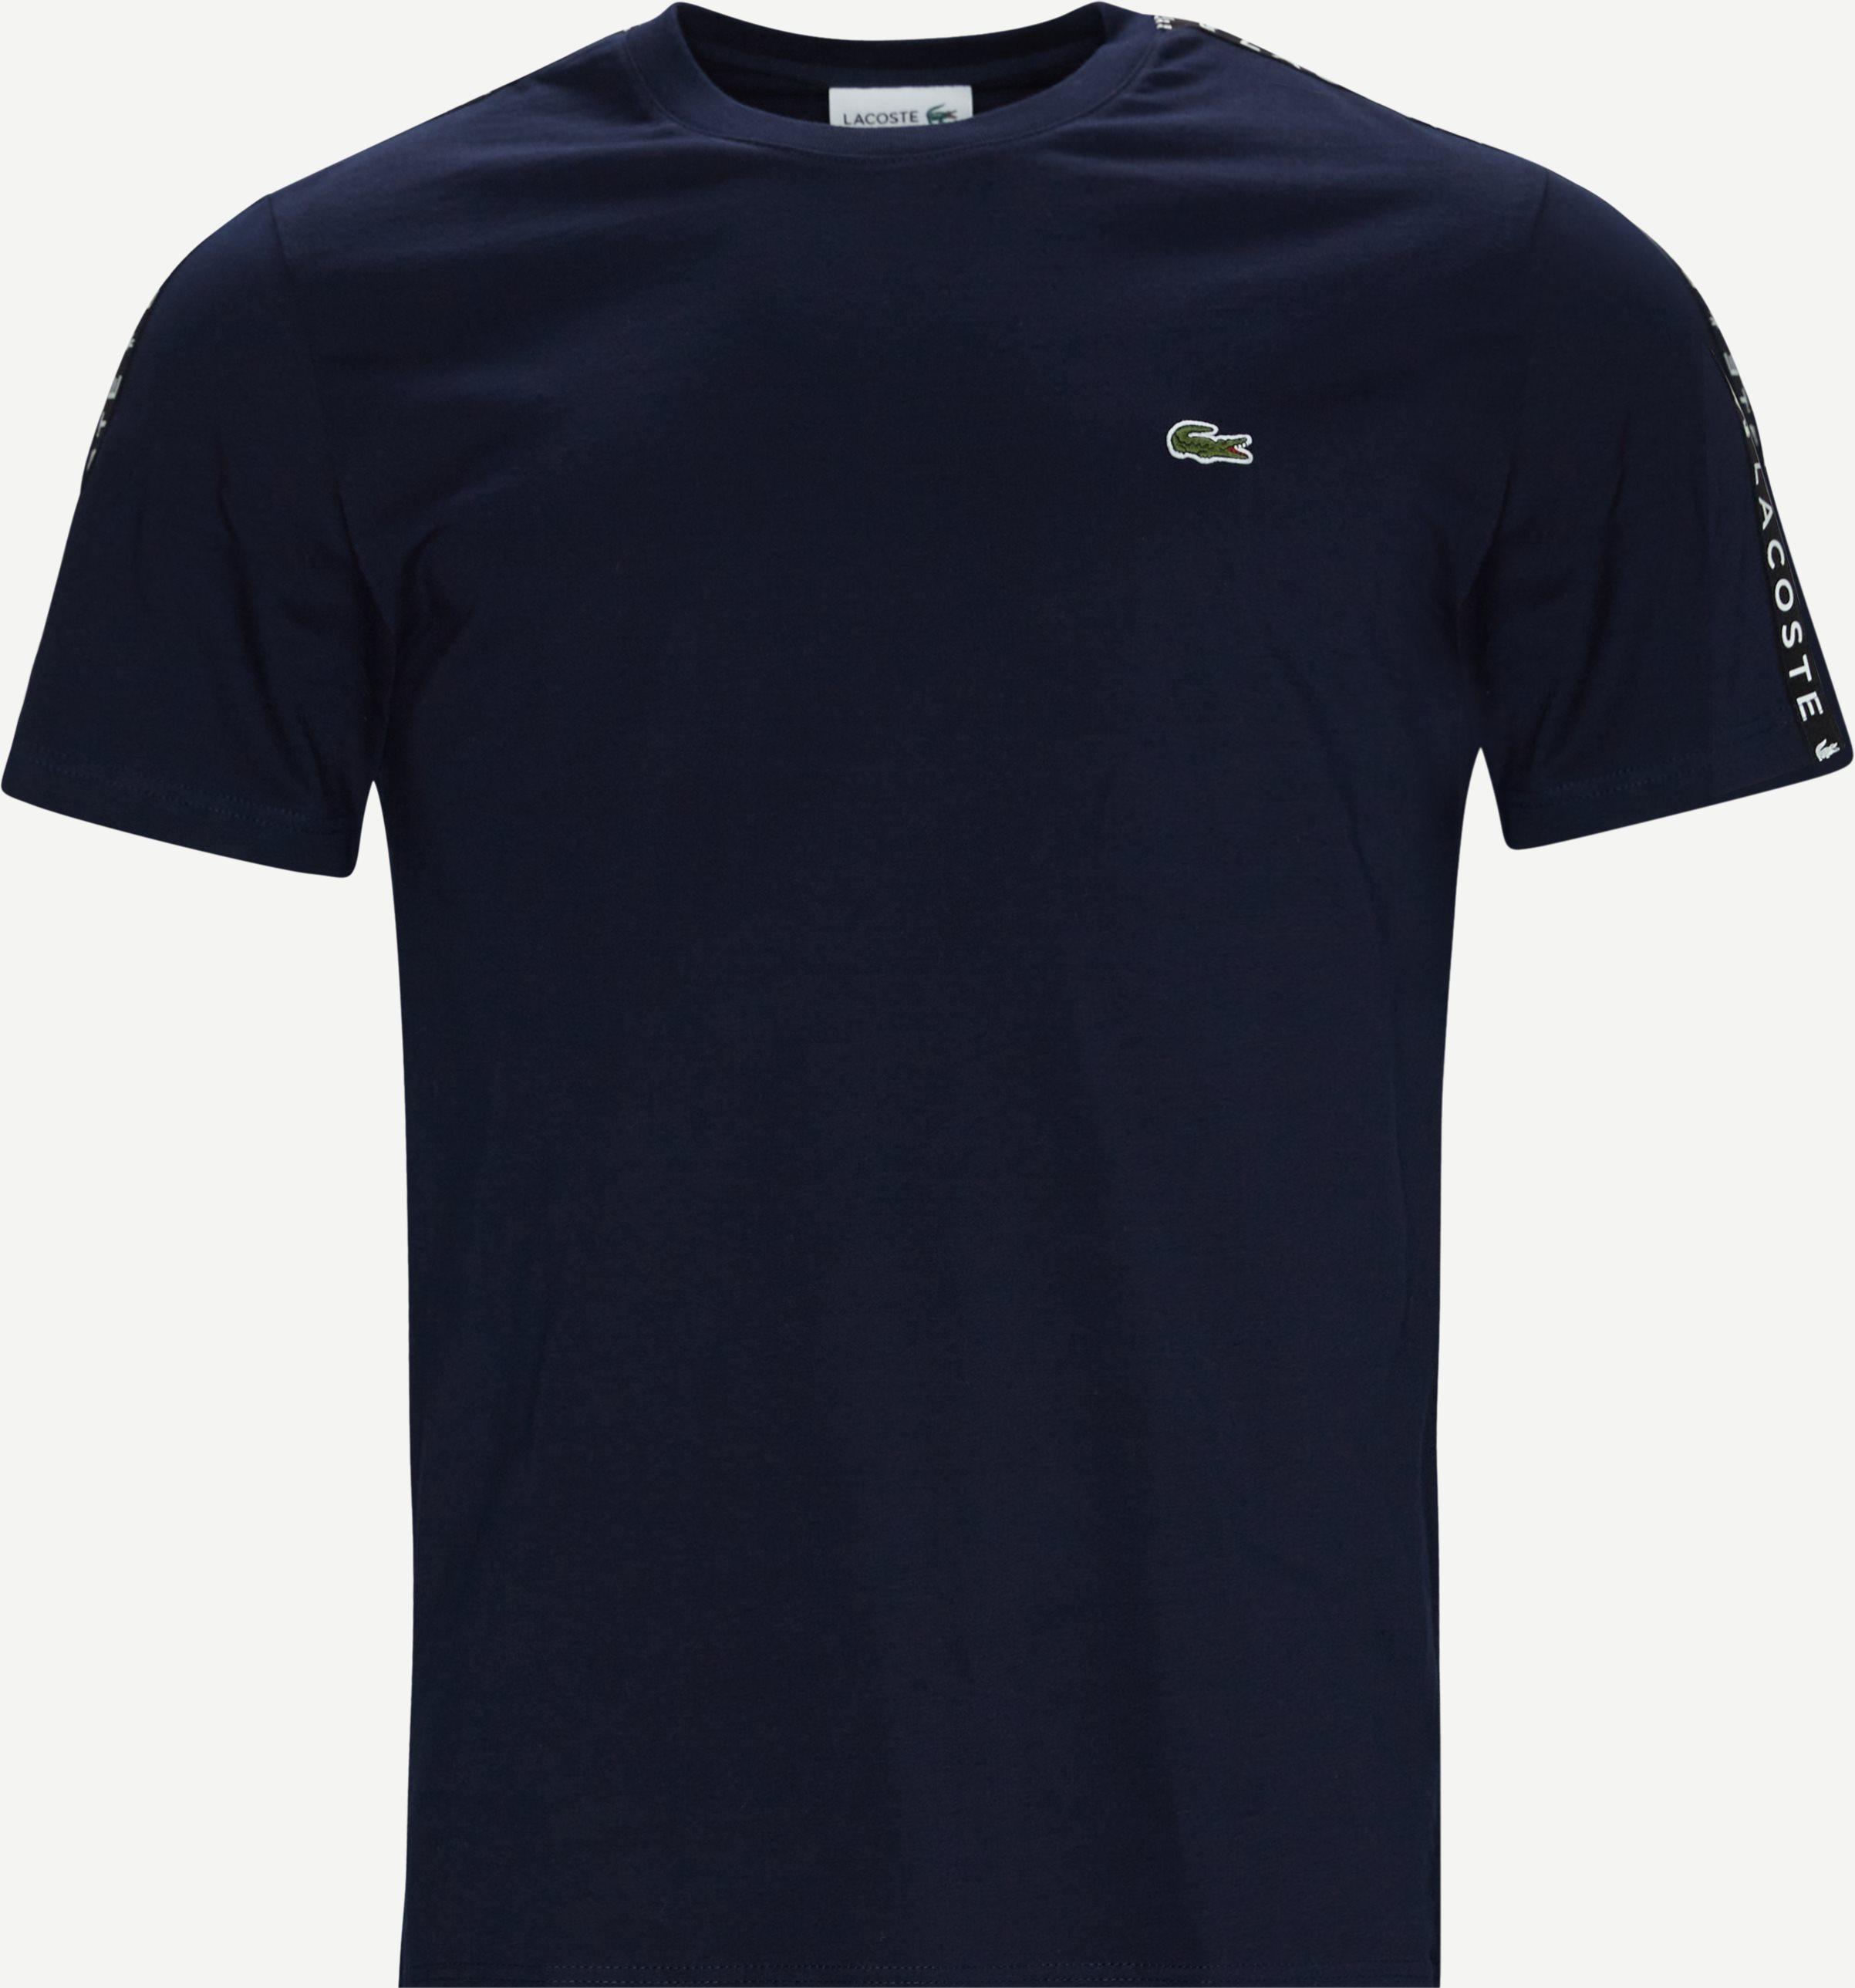 Logo Tee - T-shirts - Regular fit - Blå